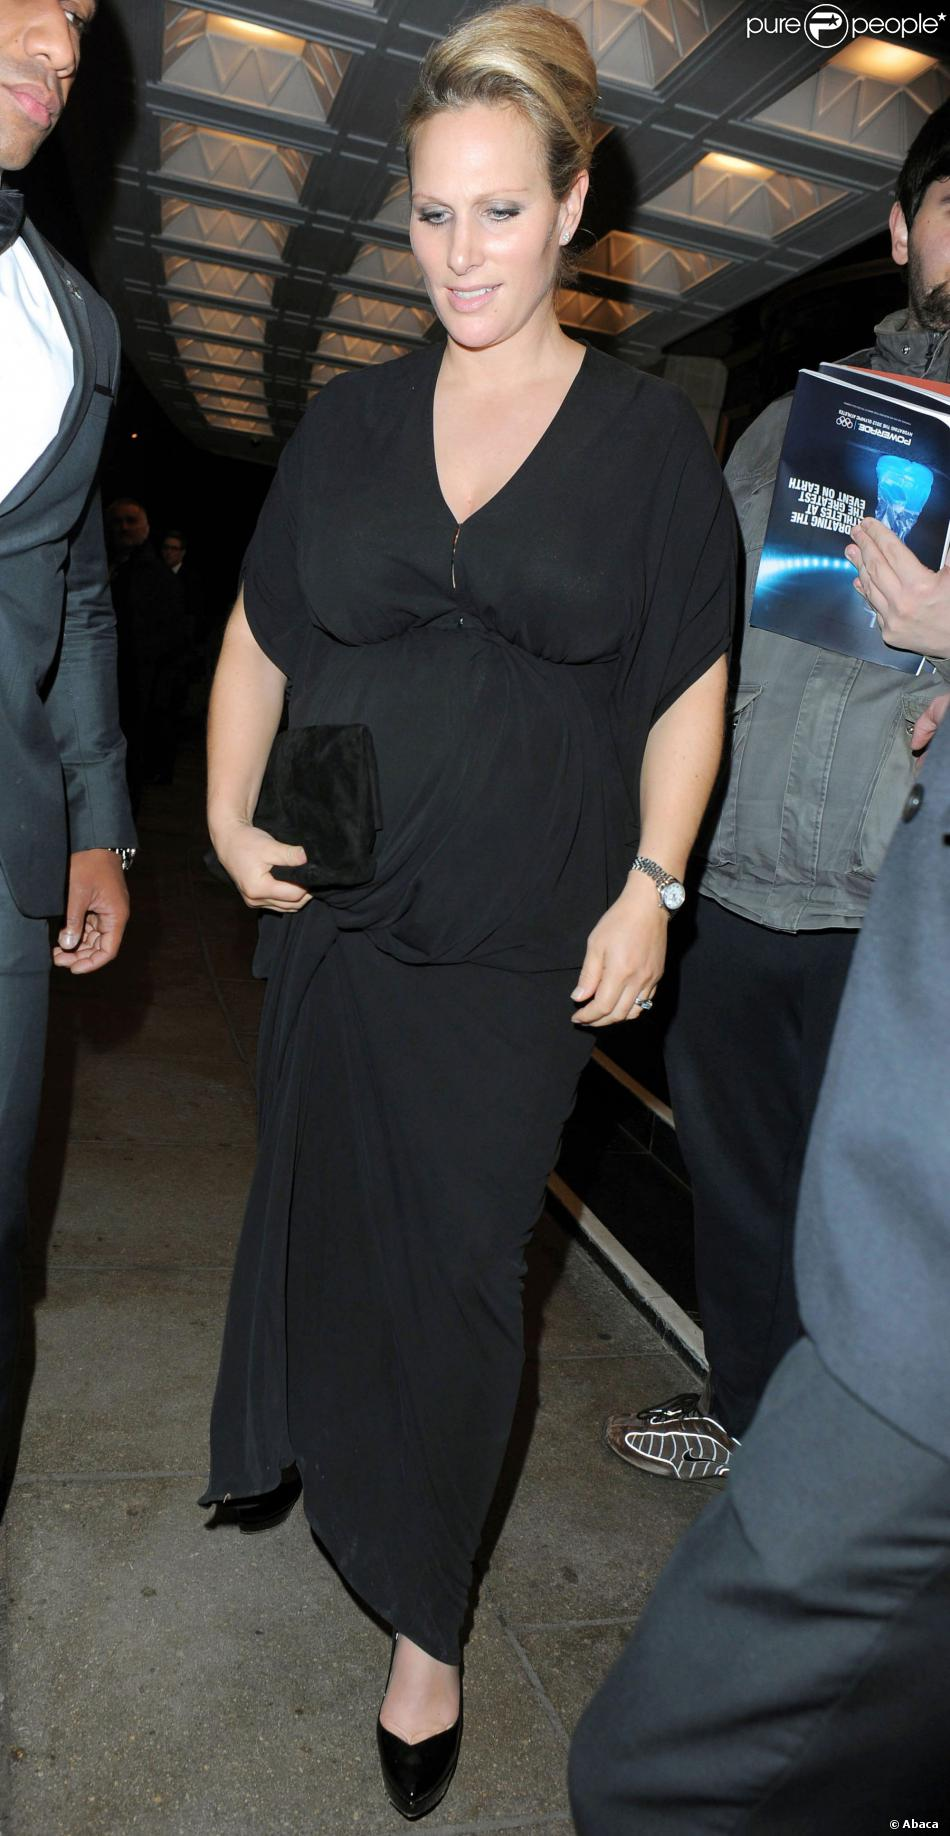 Zara Phillips, enceinte, au Dorchester Hotel de Londres le 30 octobre 2013 pour le gala British Olympic Ball.